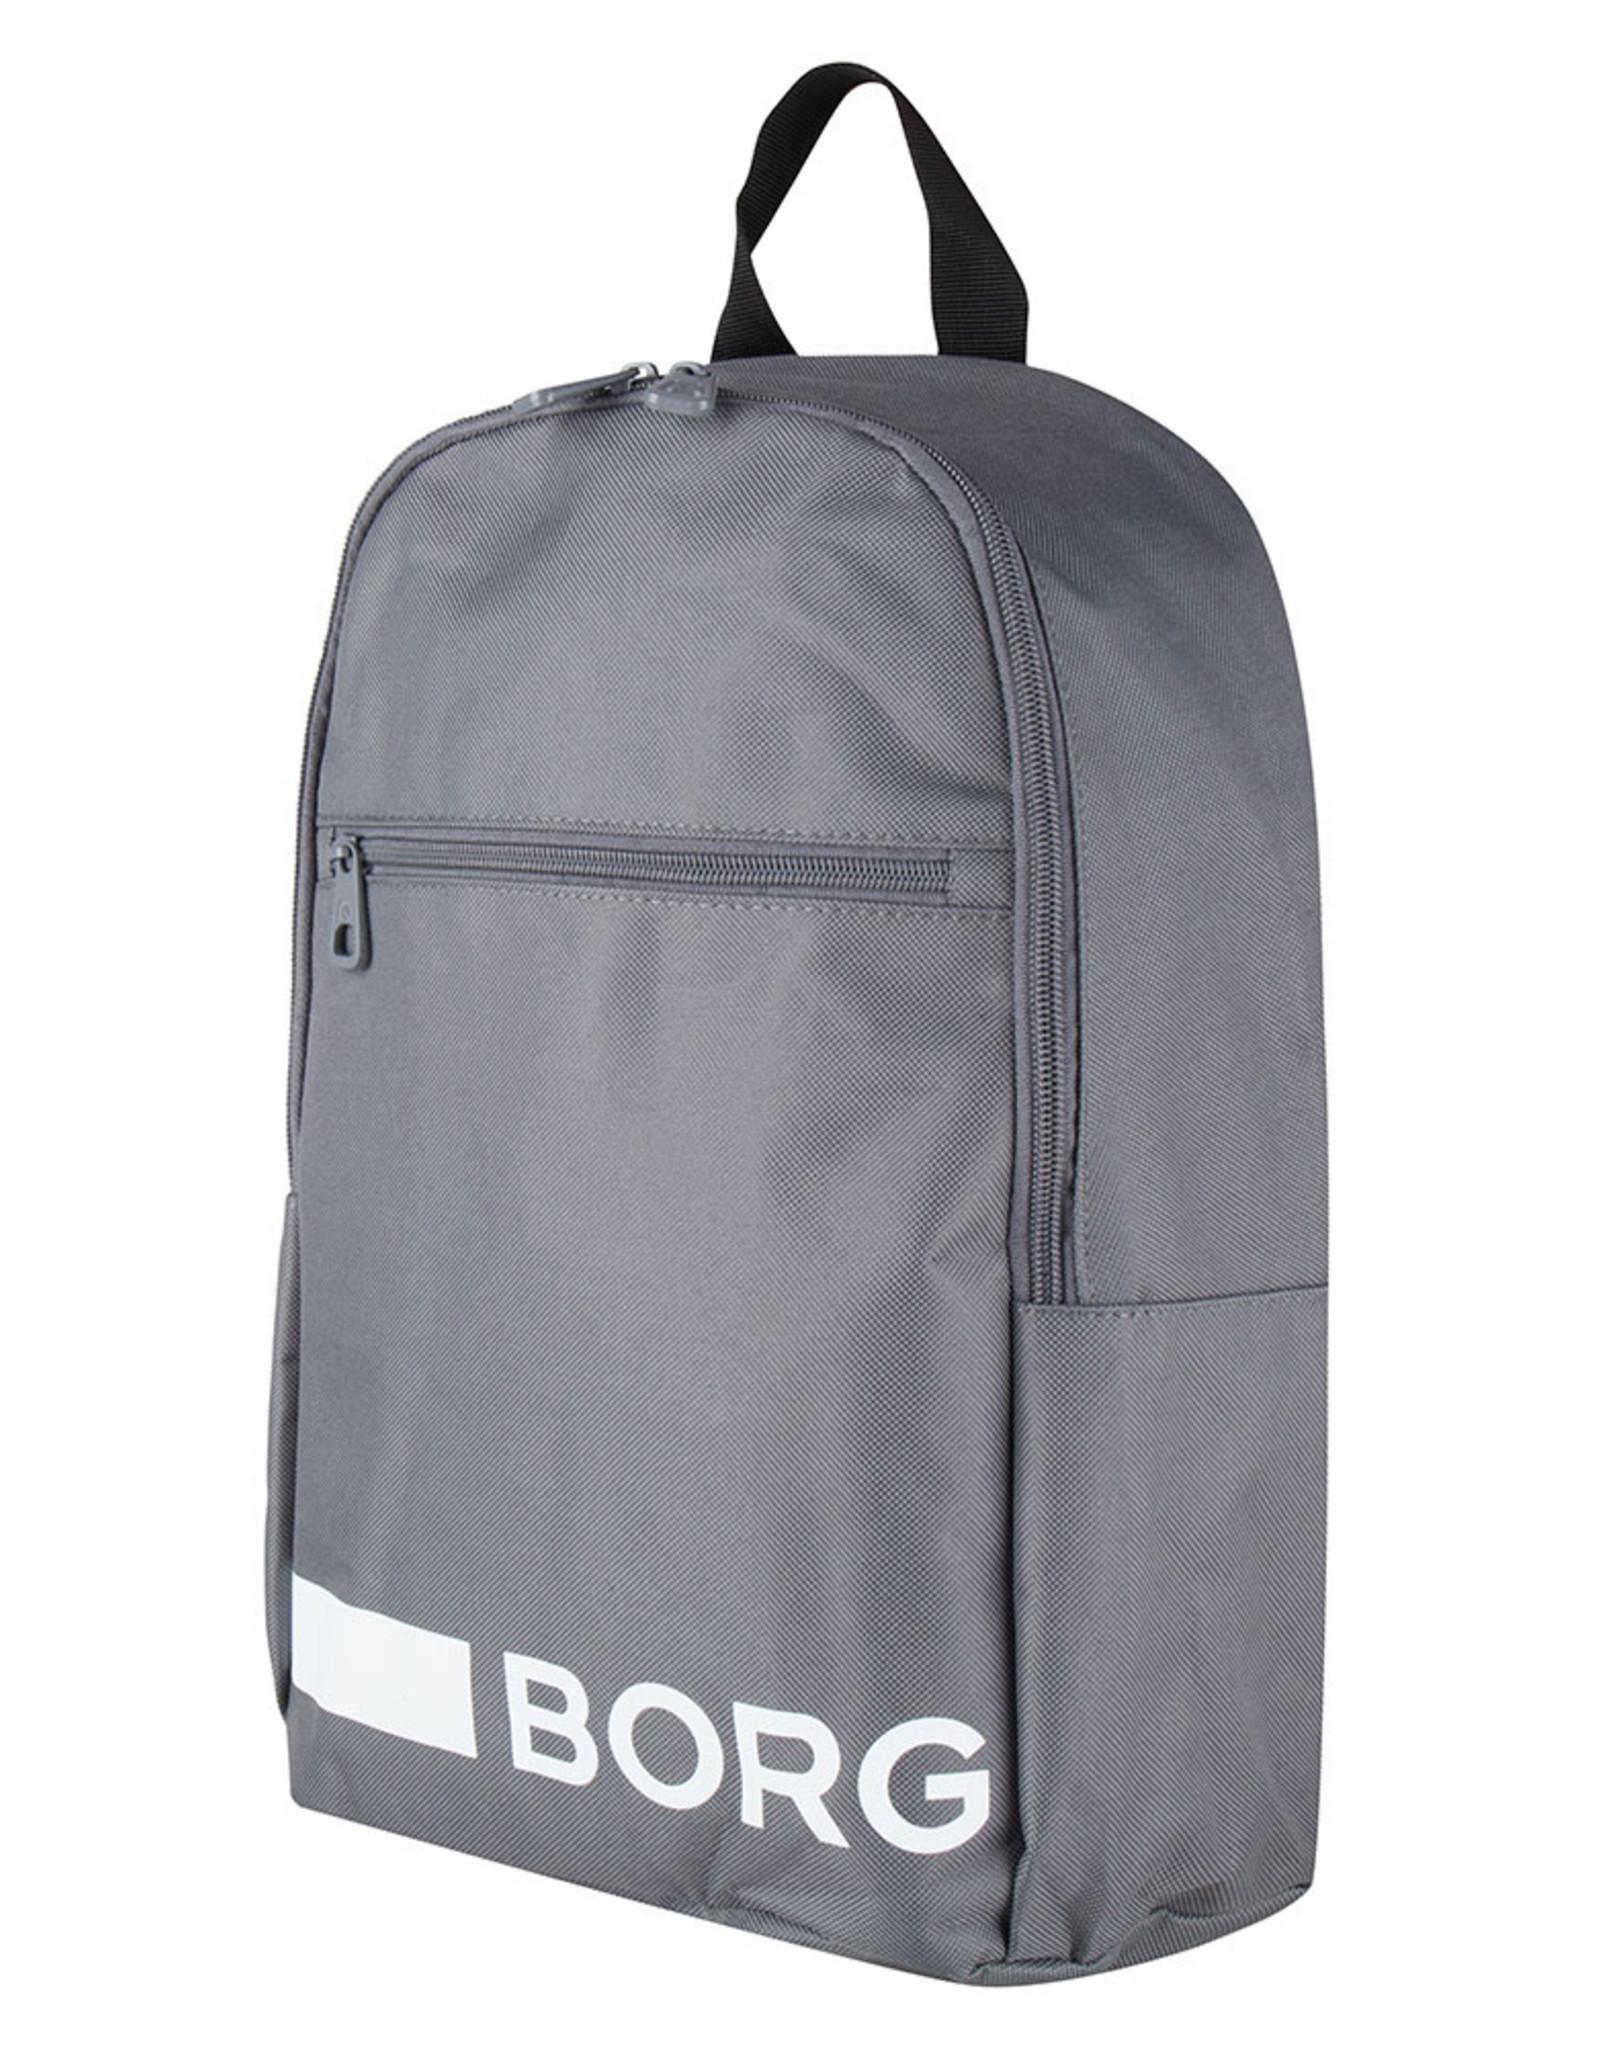 Bjorn Borg Rug Tas Grijs